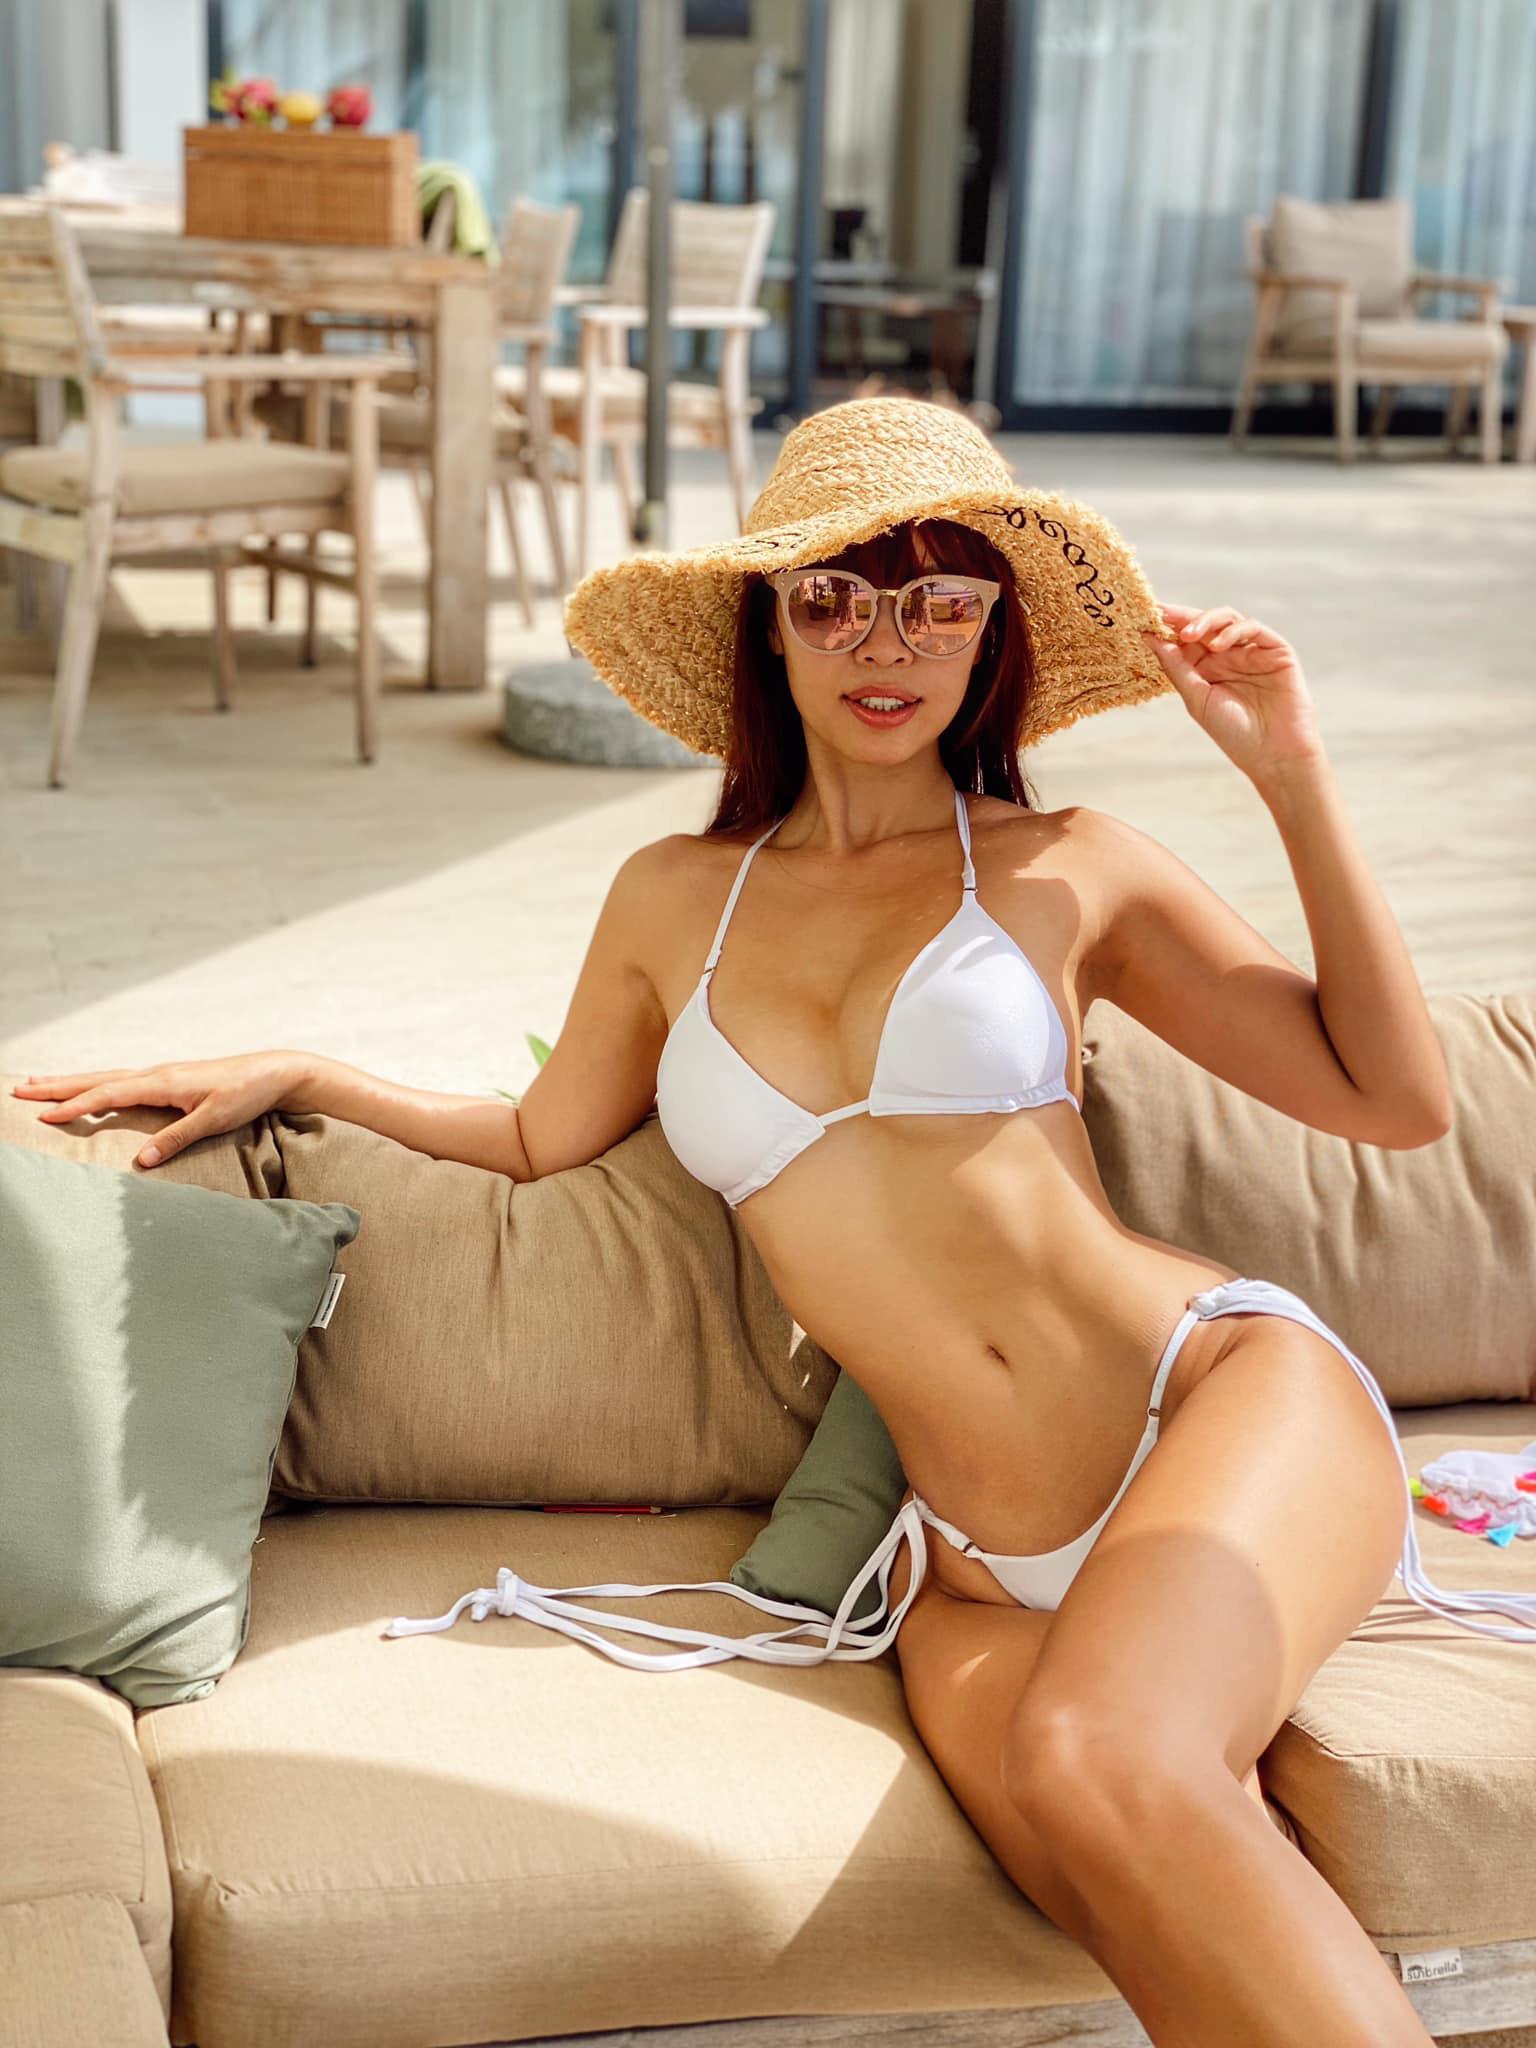 Bikini dây mảnh với phần vải che tiết chế là một trong những xu hướng được nhiều sao Việt lựa chọn hè năm nay. Thiết kế đem lại vẻ gợi cảm tối đa khi khoe phần hông của người mặc.